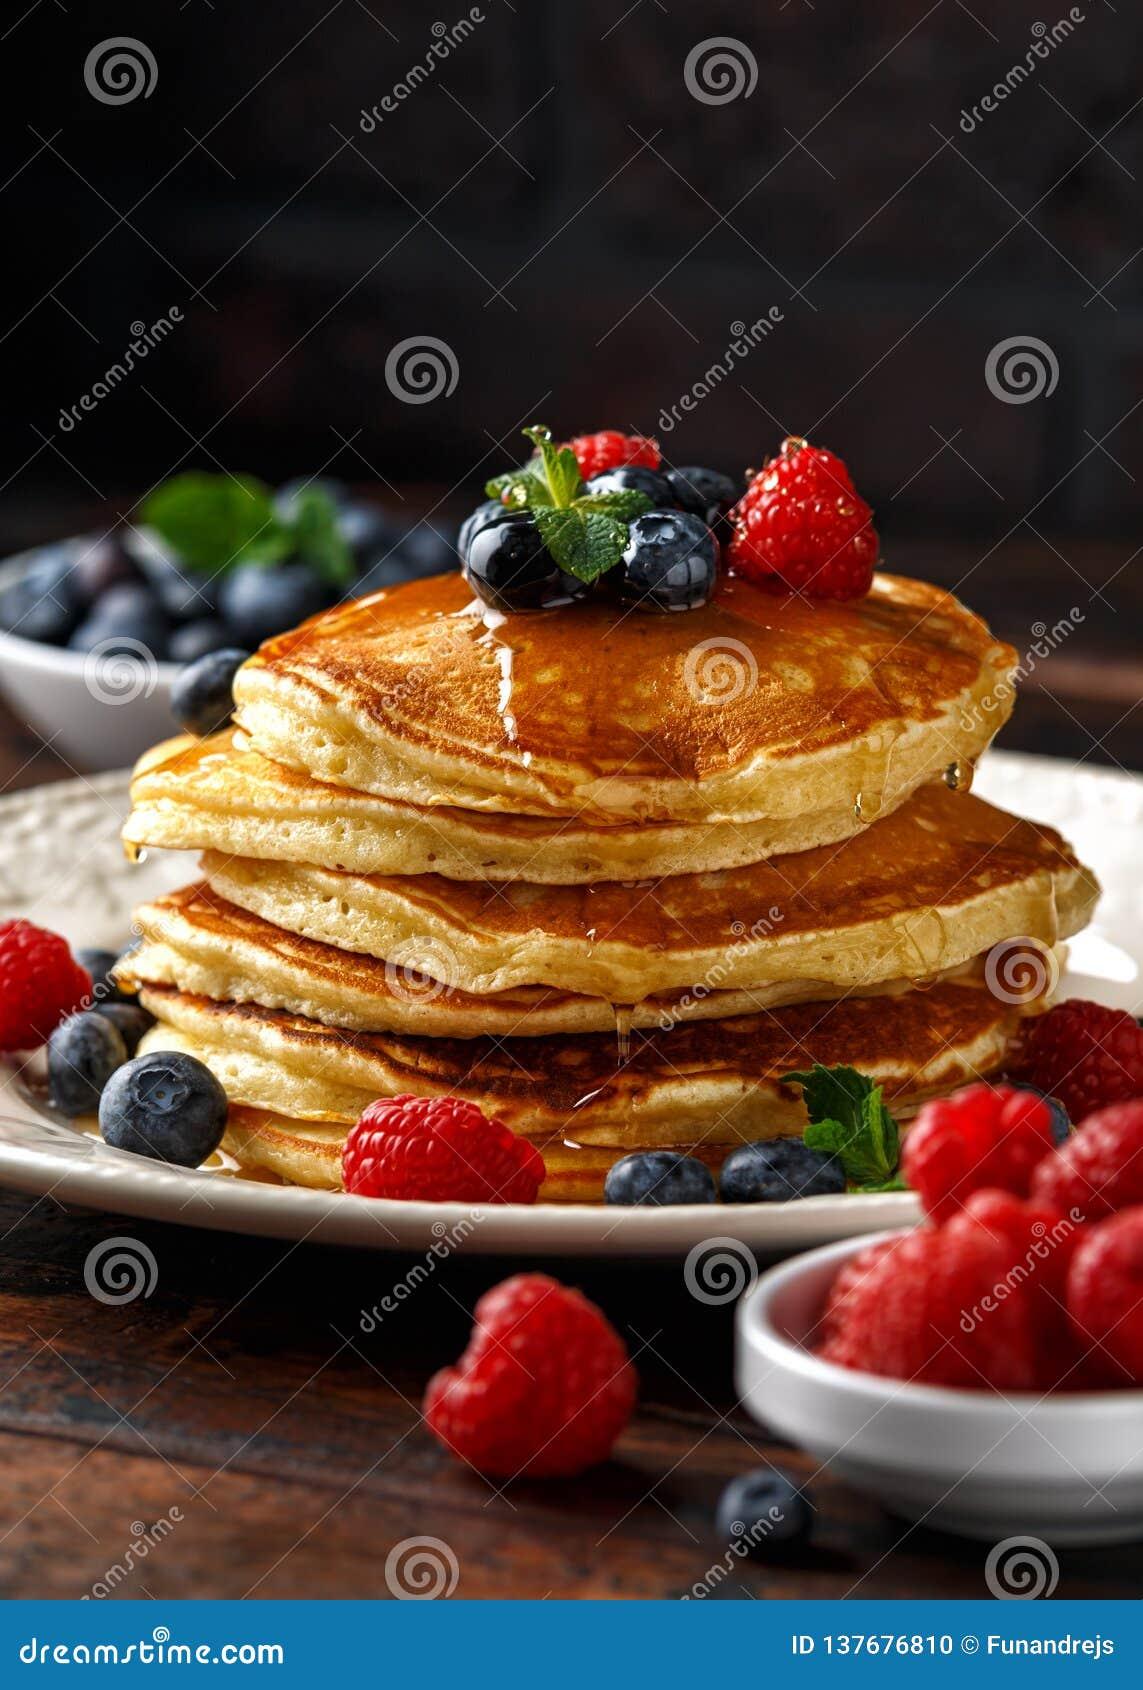 Selbst gemachte amerikanische Pfannkuchen mit frischer Blaubeere, Himbeeren und Honig Rustikale Art des gesunden Morgenfrühstücks